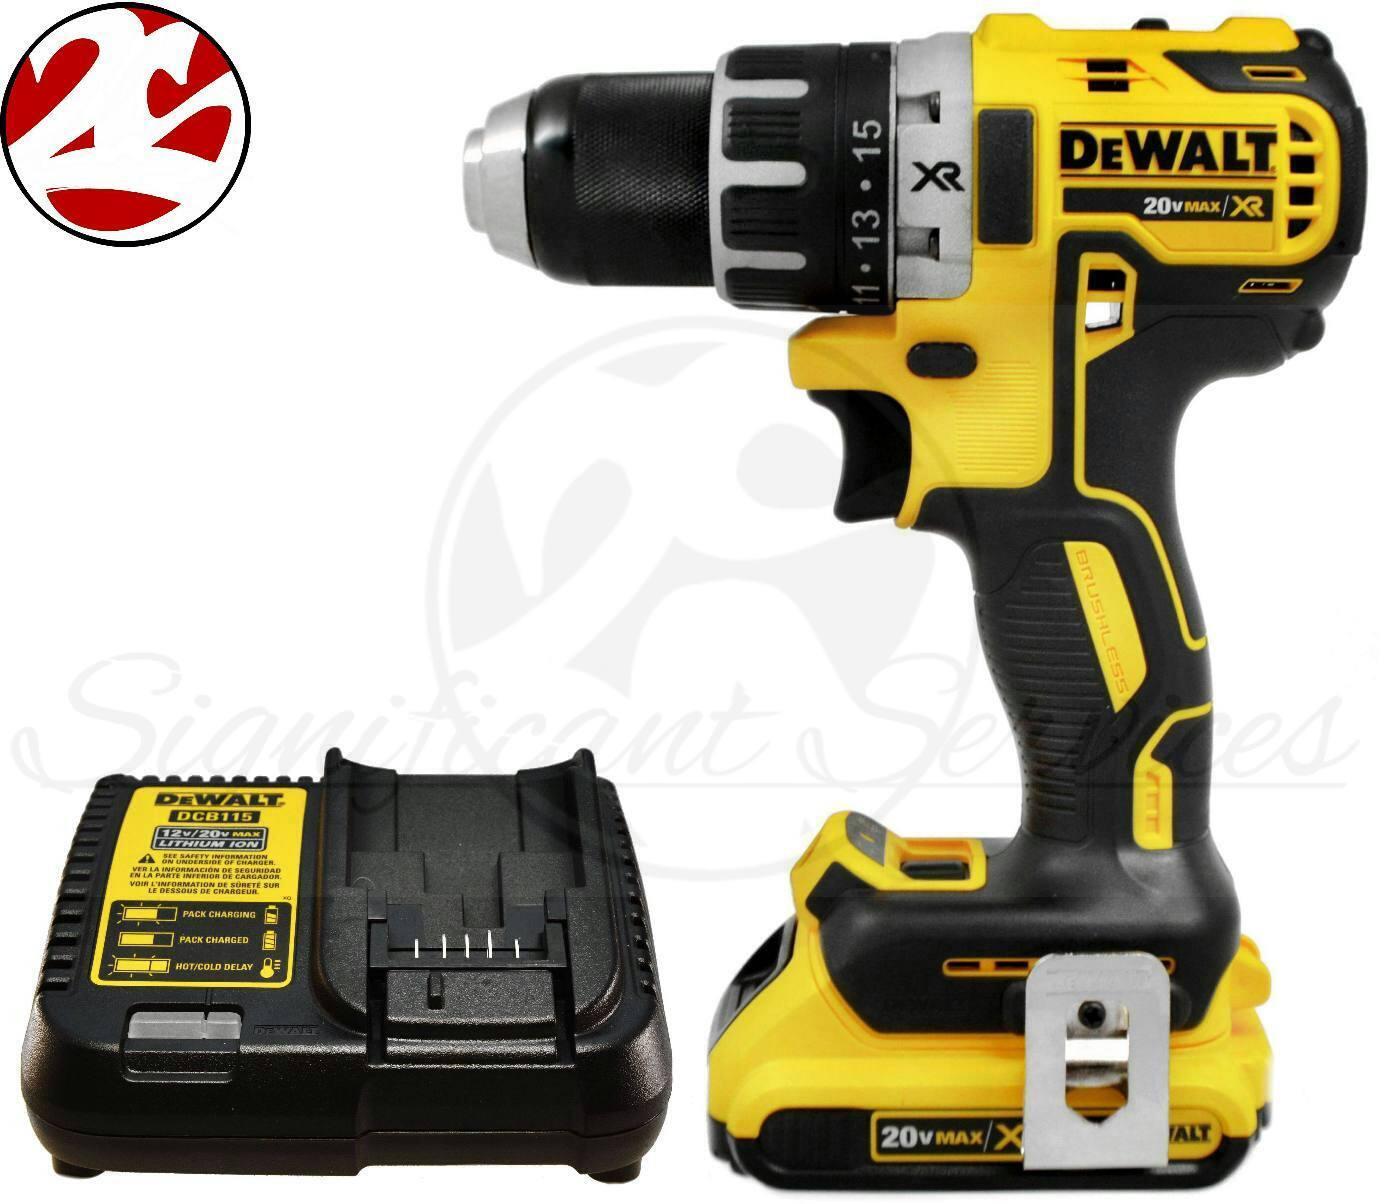 DeWALT DCD791 20V MAX XR Lithium Ion Brushless Cordless 1/2